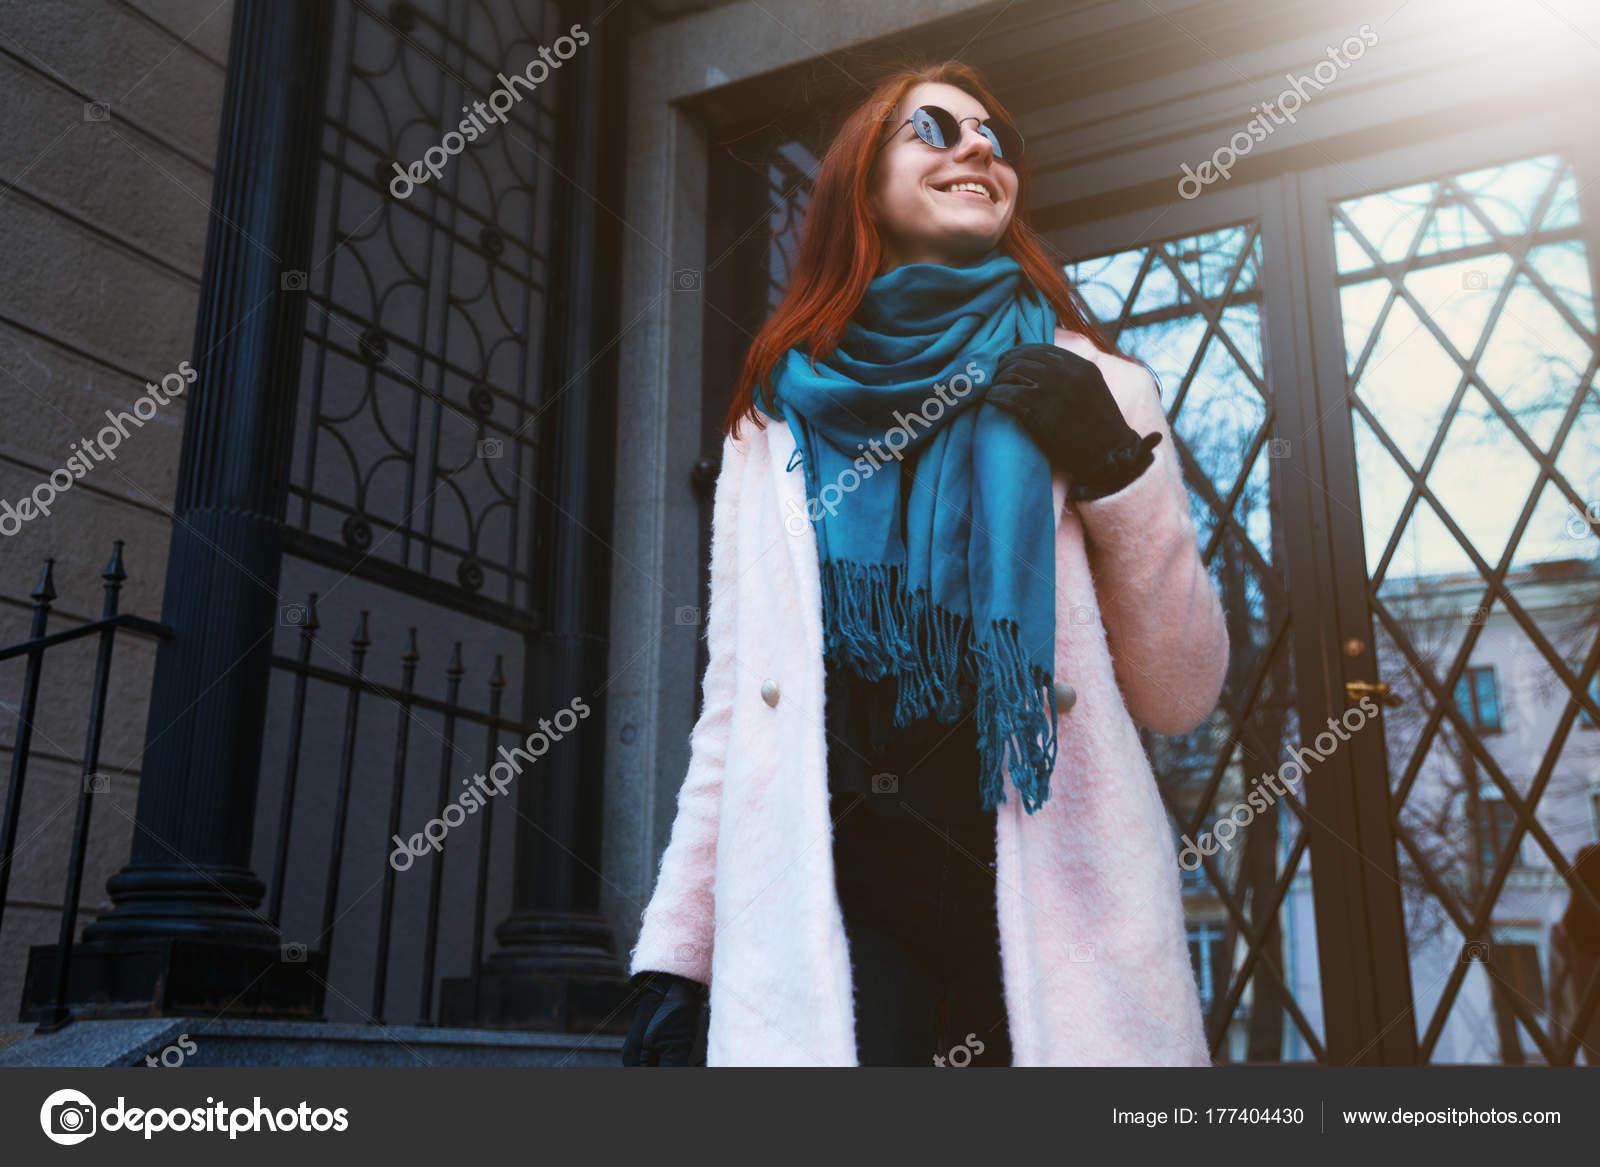 sluchaynie-foto-devushek-na-ulitsah-v-krasivom-palto-strip-bar-skritaya-kamera